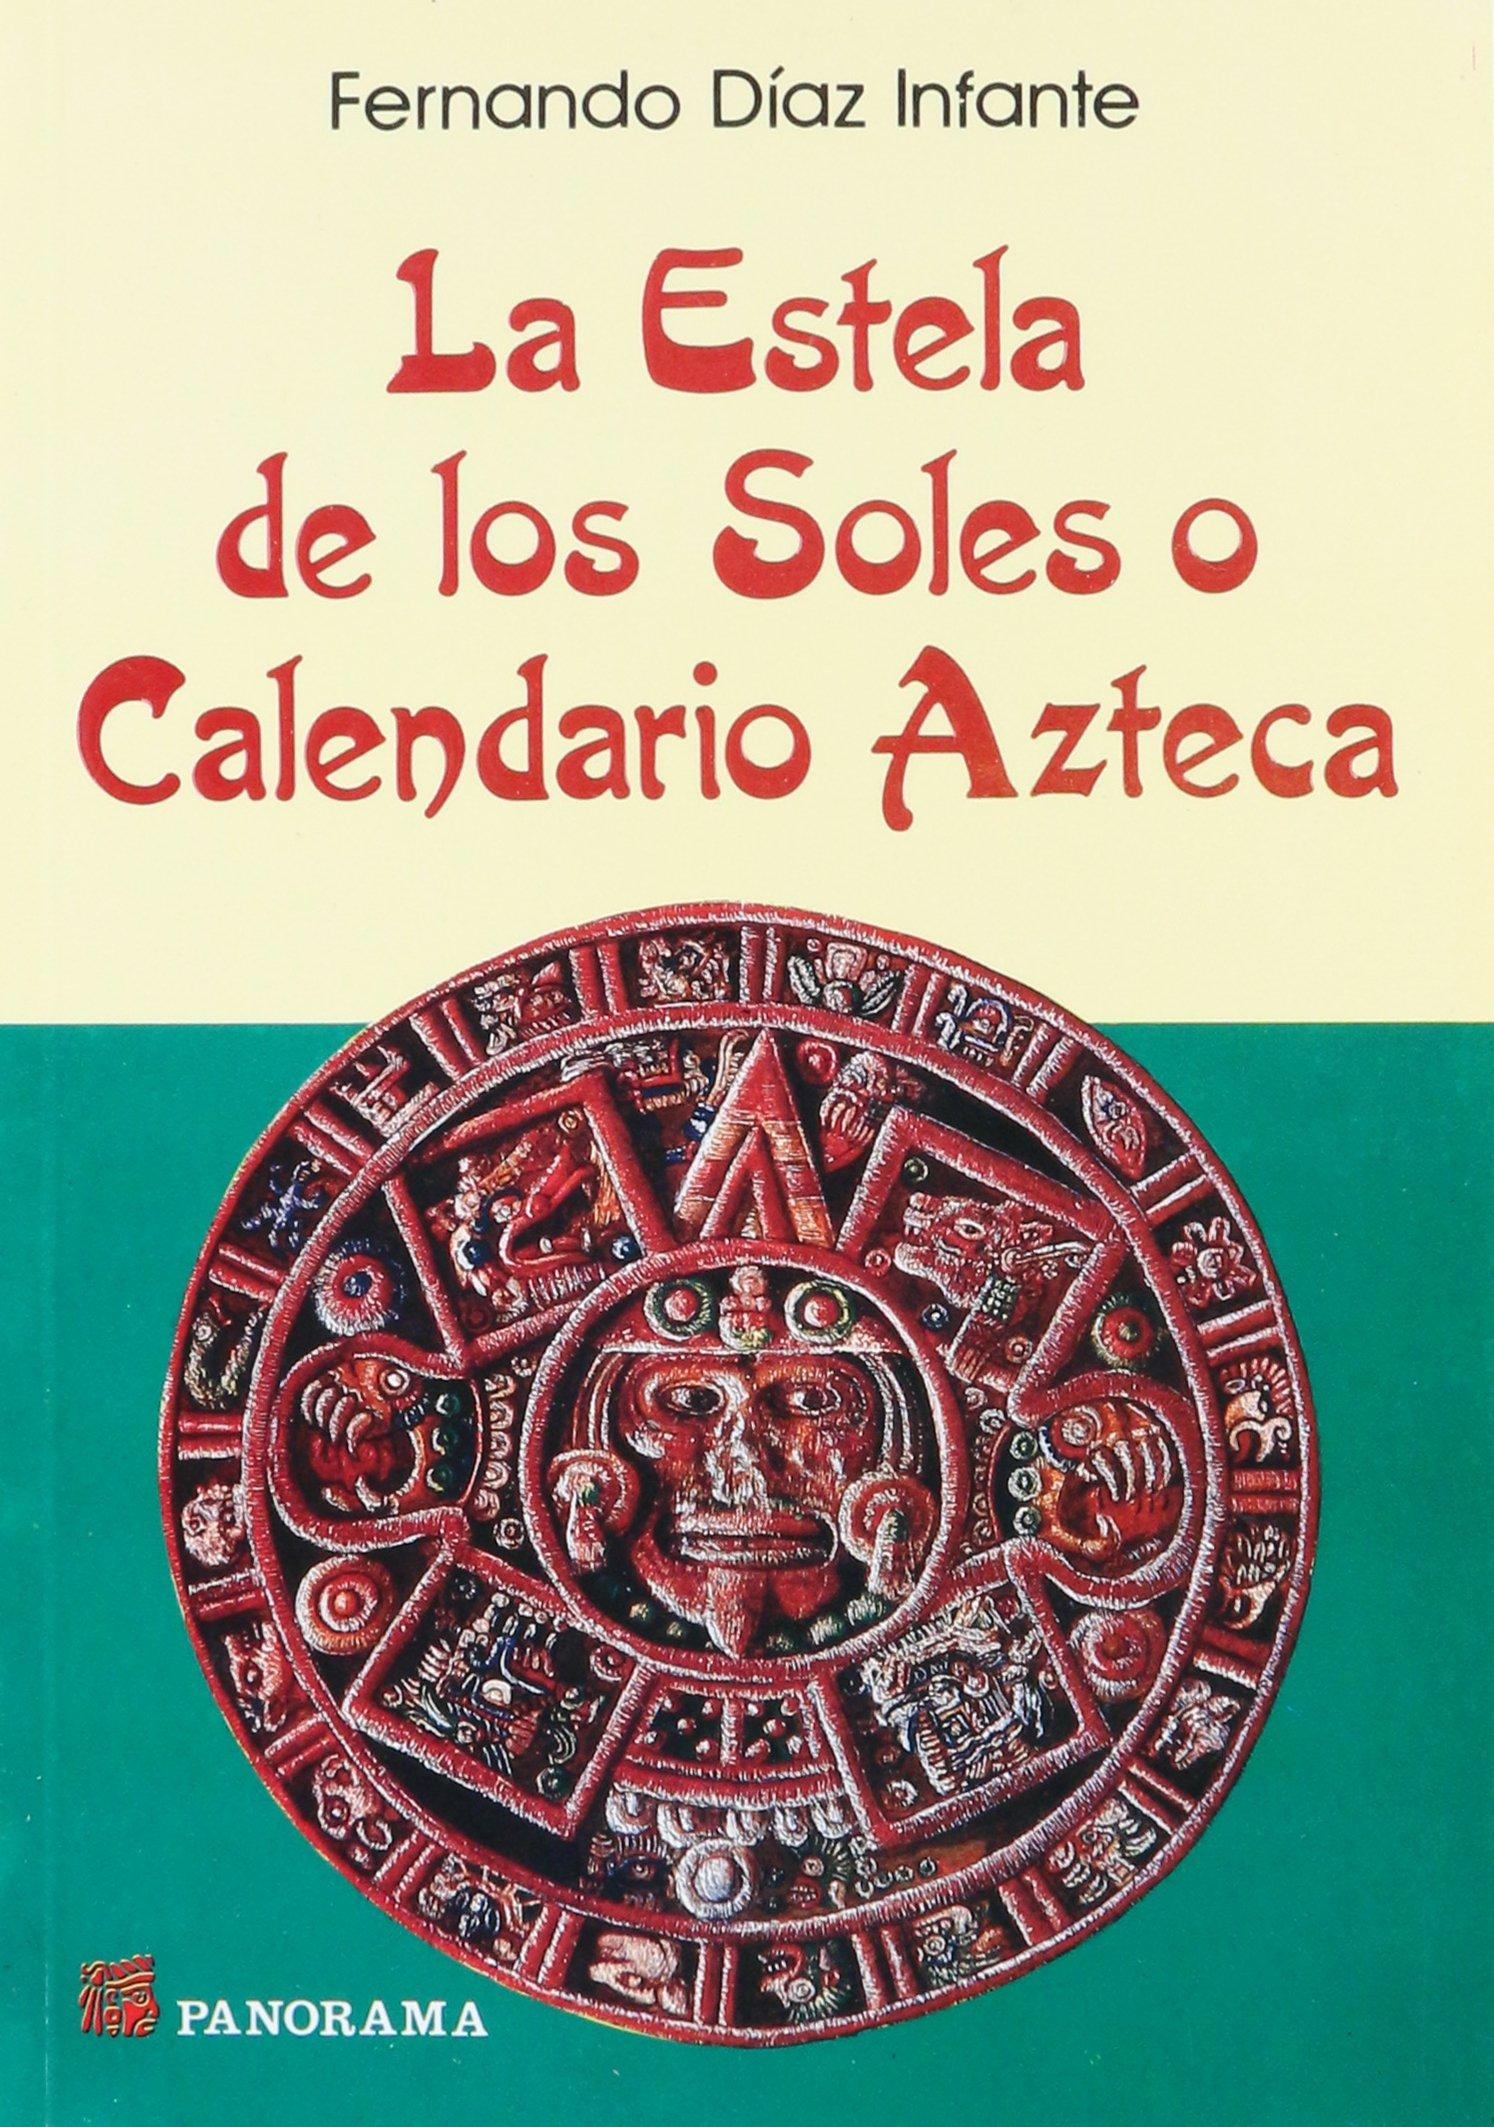 Calendario Azteca.La Estela De Los Soles O Calendario Azteca The Tail Of The